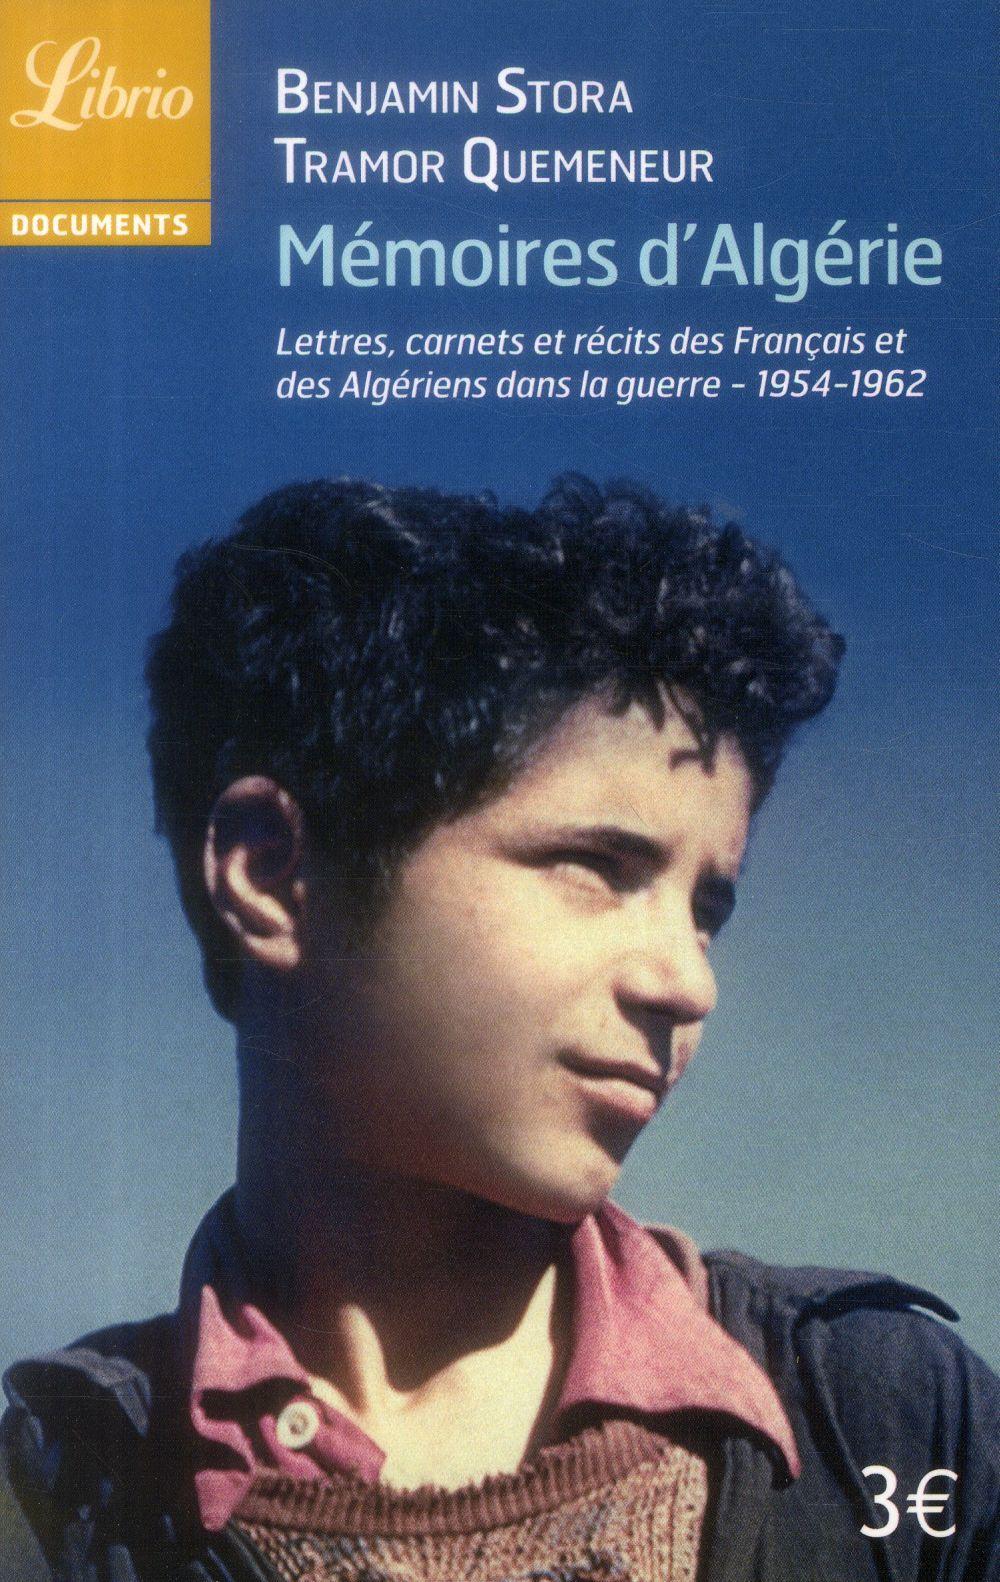 Mémoires d'Algérie ; lettres, carnets et récits des Français et des Algériens dans la guerre 1954-1962